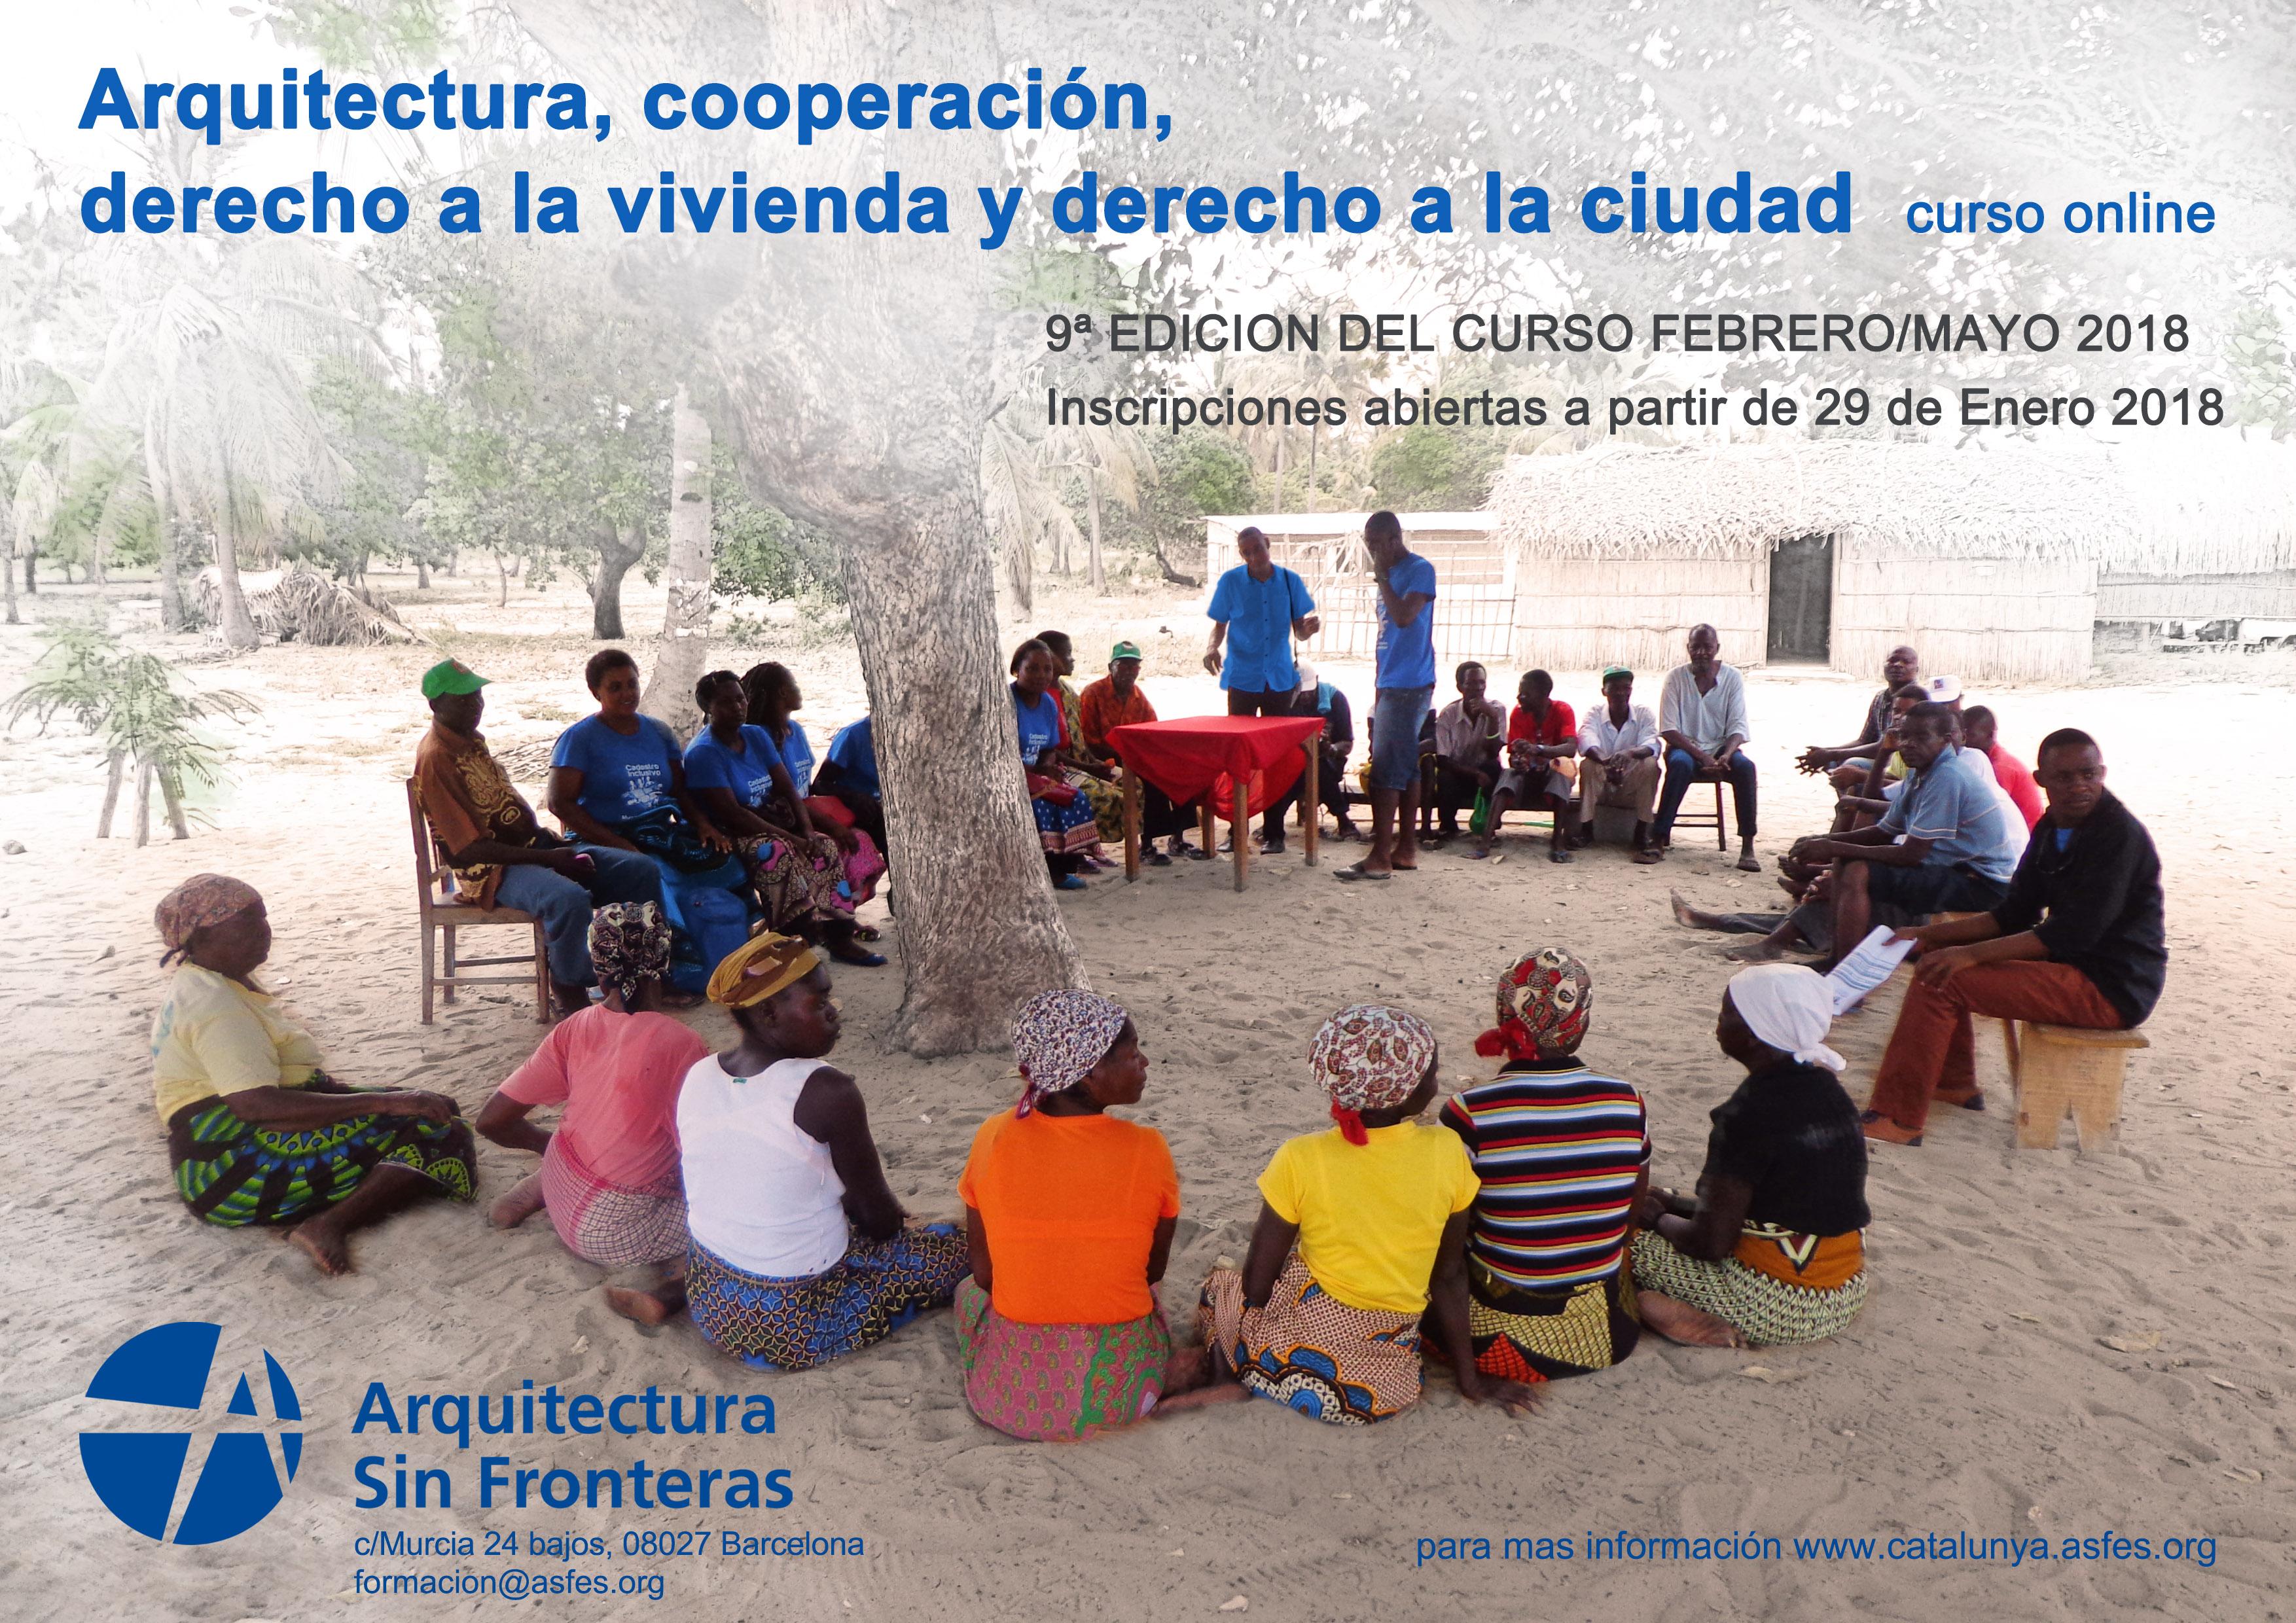 Nova Edició Del Curs Online D'Arquitectura, Cooperació, Dret A L'habitatge I Dret A La Ciutat